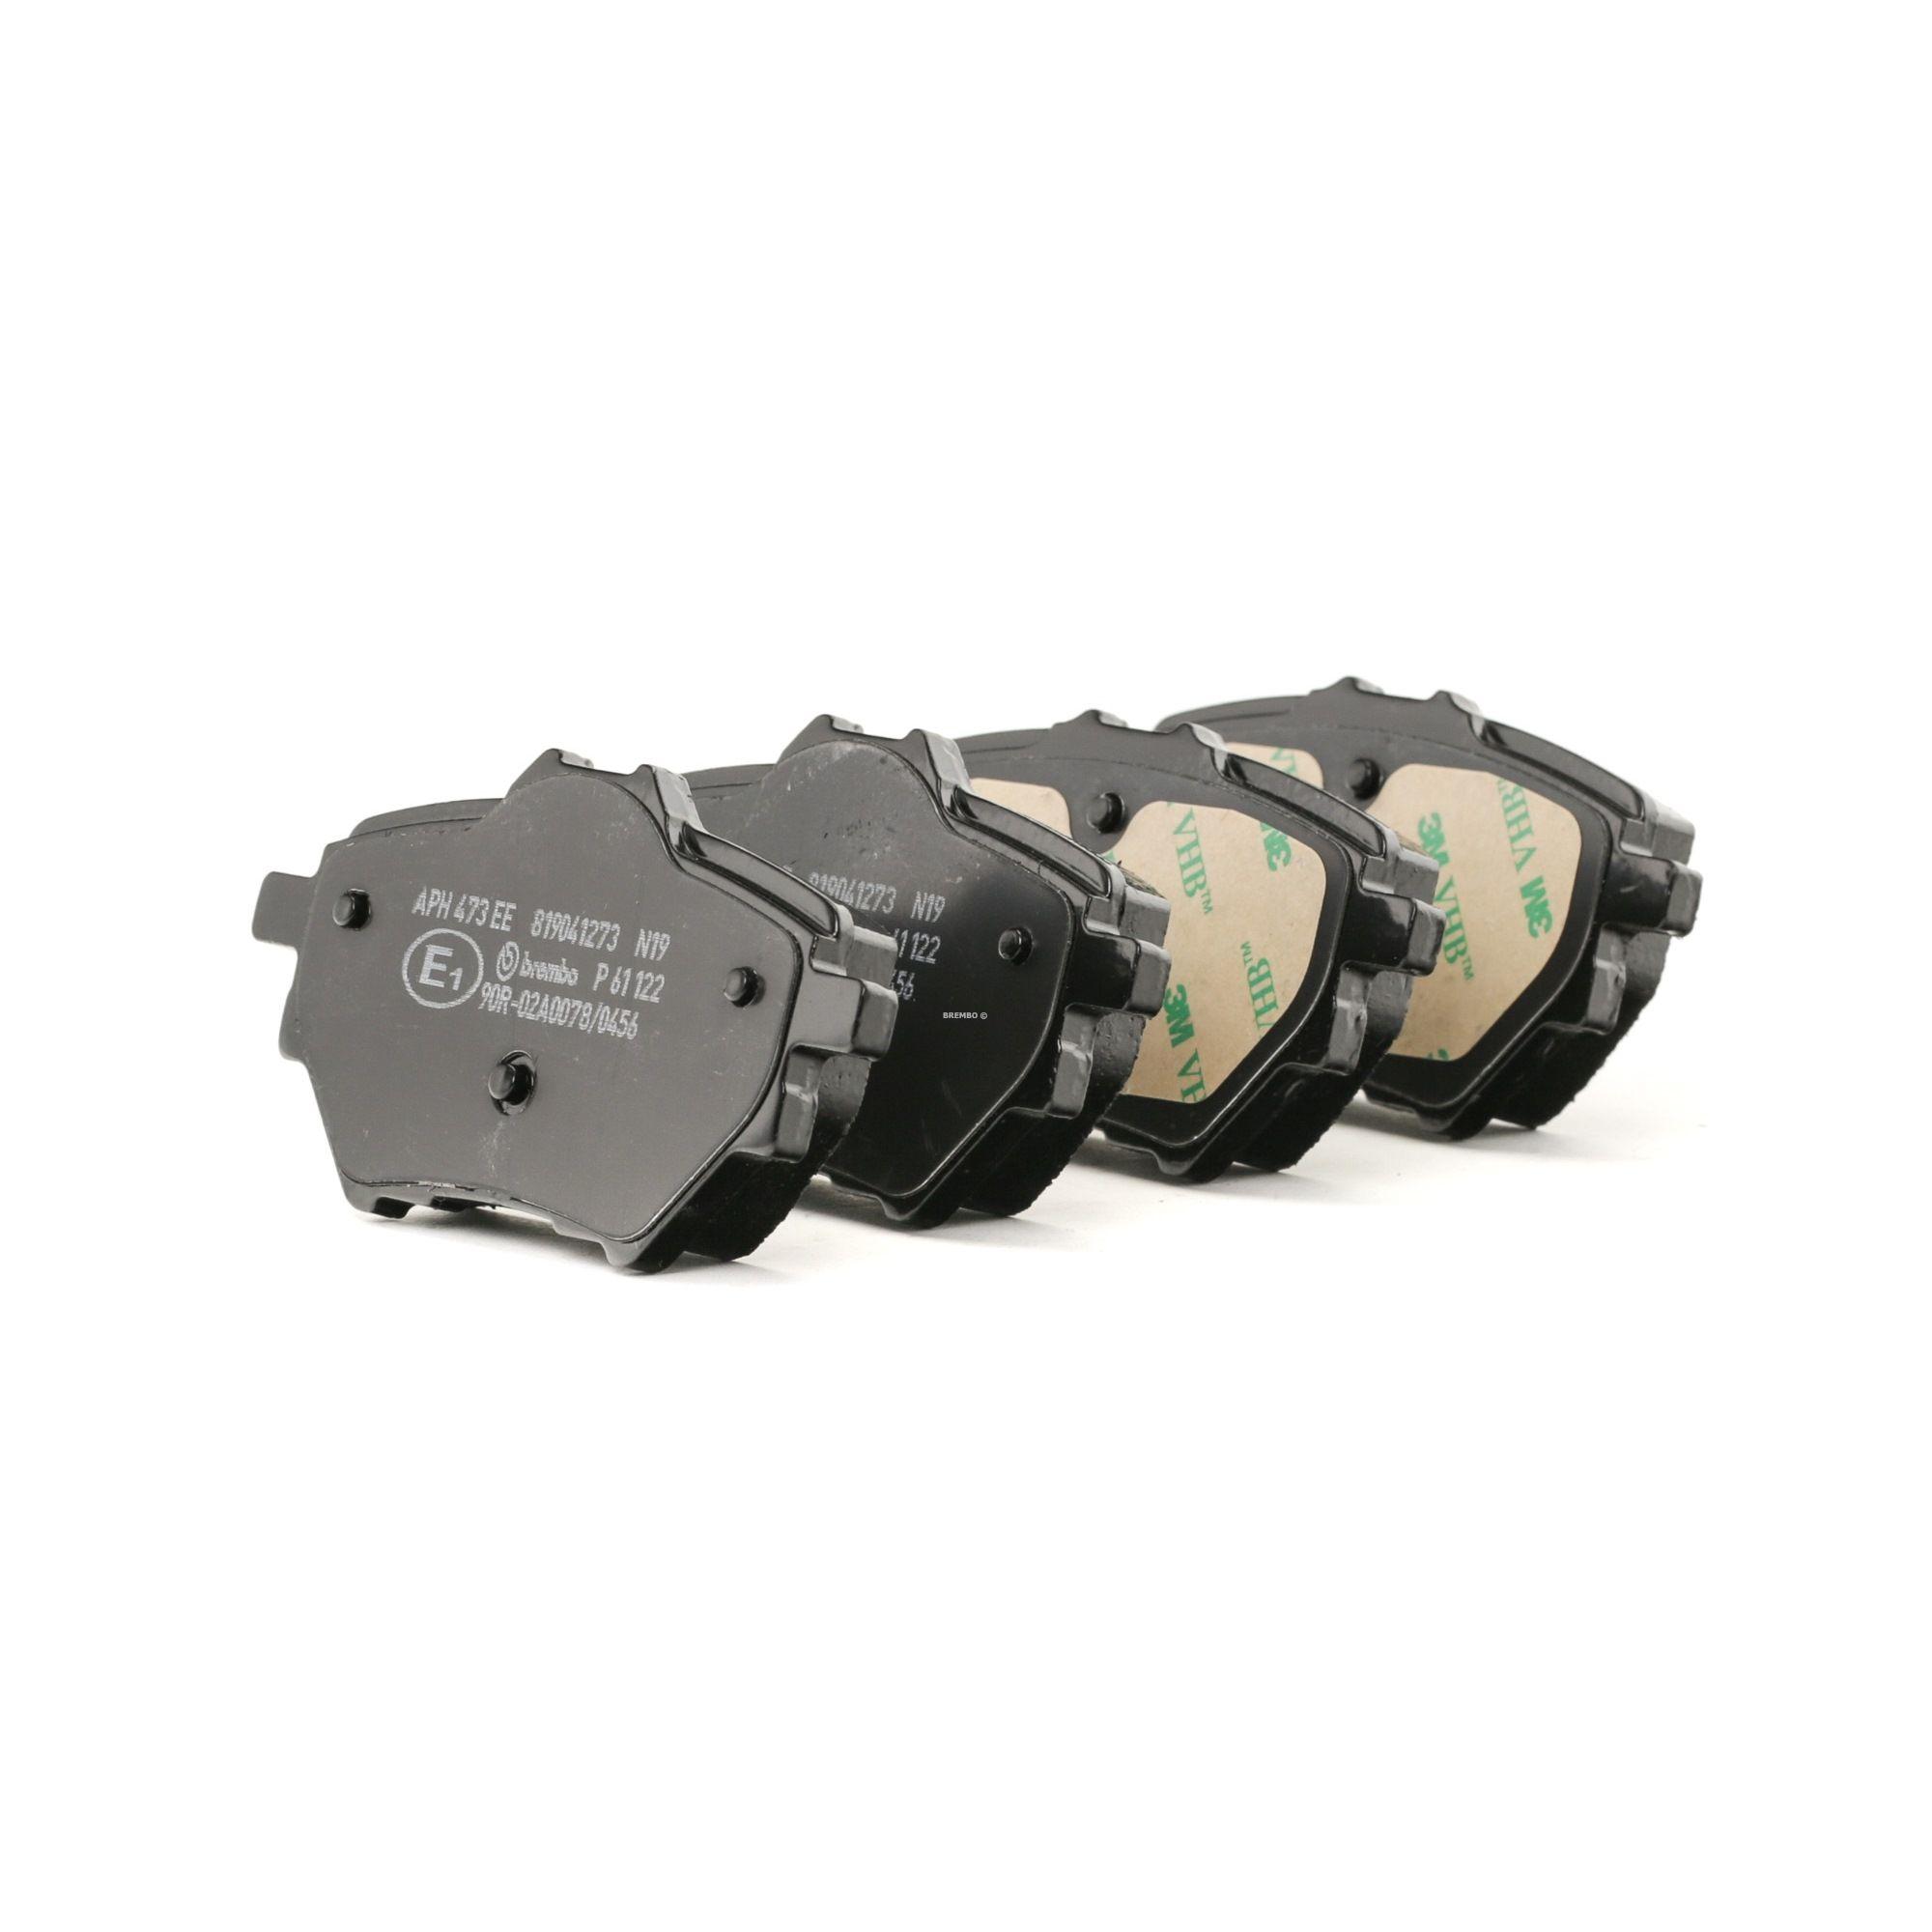 Bremsklötze OPEL Corsa F Schrägheck hinten + vorne 2021 - BREMBO P 61 122 (Höhe 1: 50mm, Höhe 2: 53,4mm, Breite: 98,9mm, Dicke/Stärke: 17,5mm)